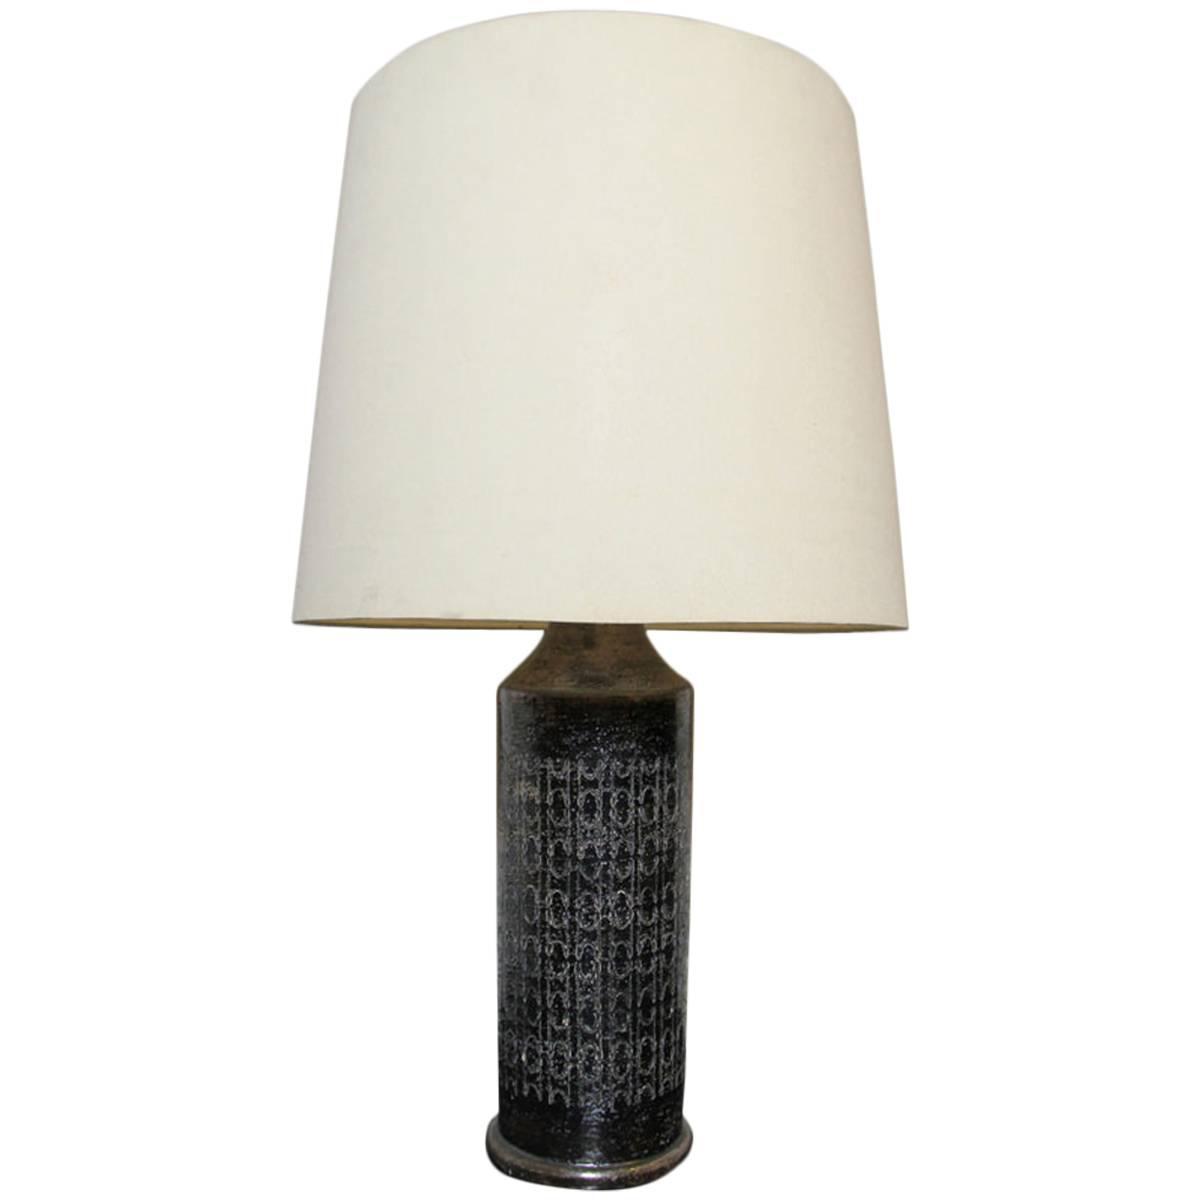 high end bronze glazed ceramic lamp by bitossi for bergboms sweden. Black Bedroom Furniture Sets. Home Design Ideas